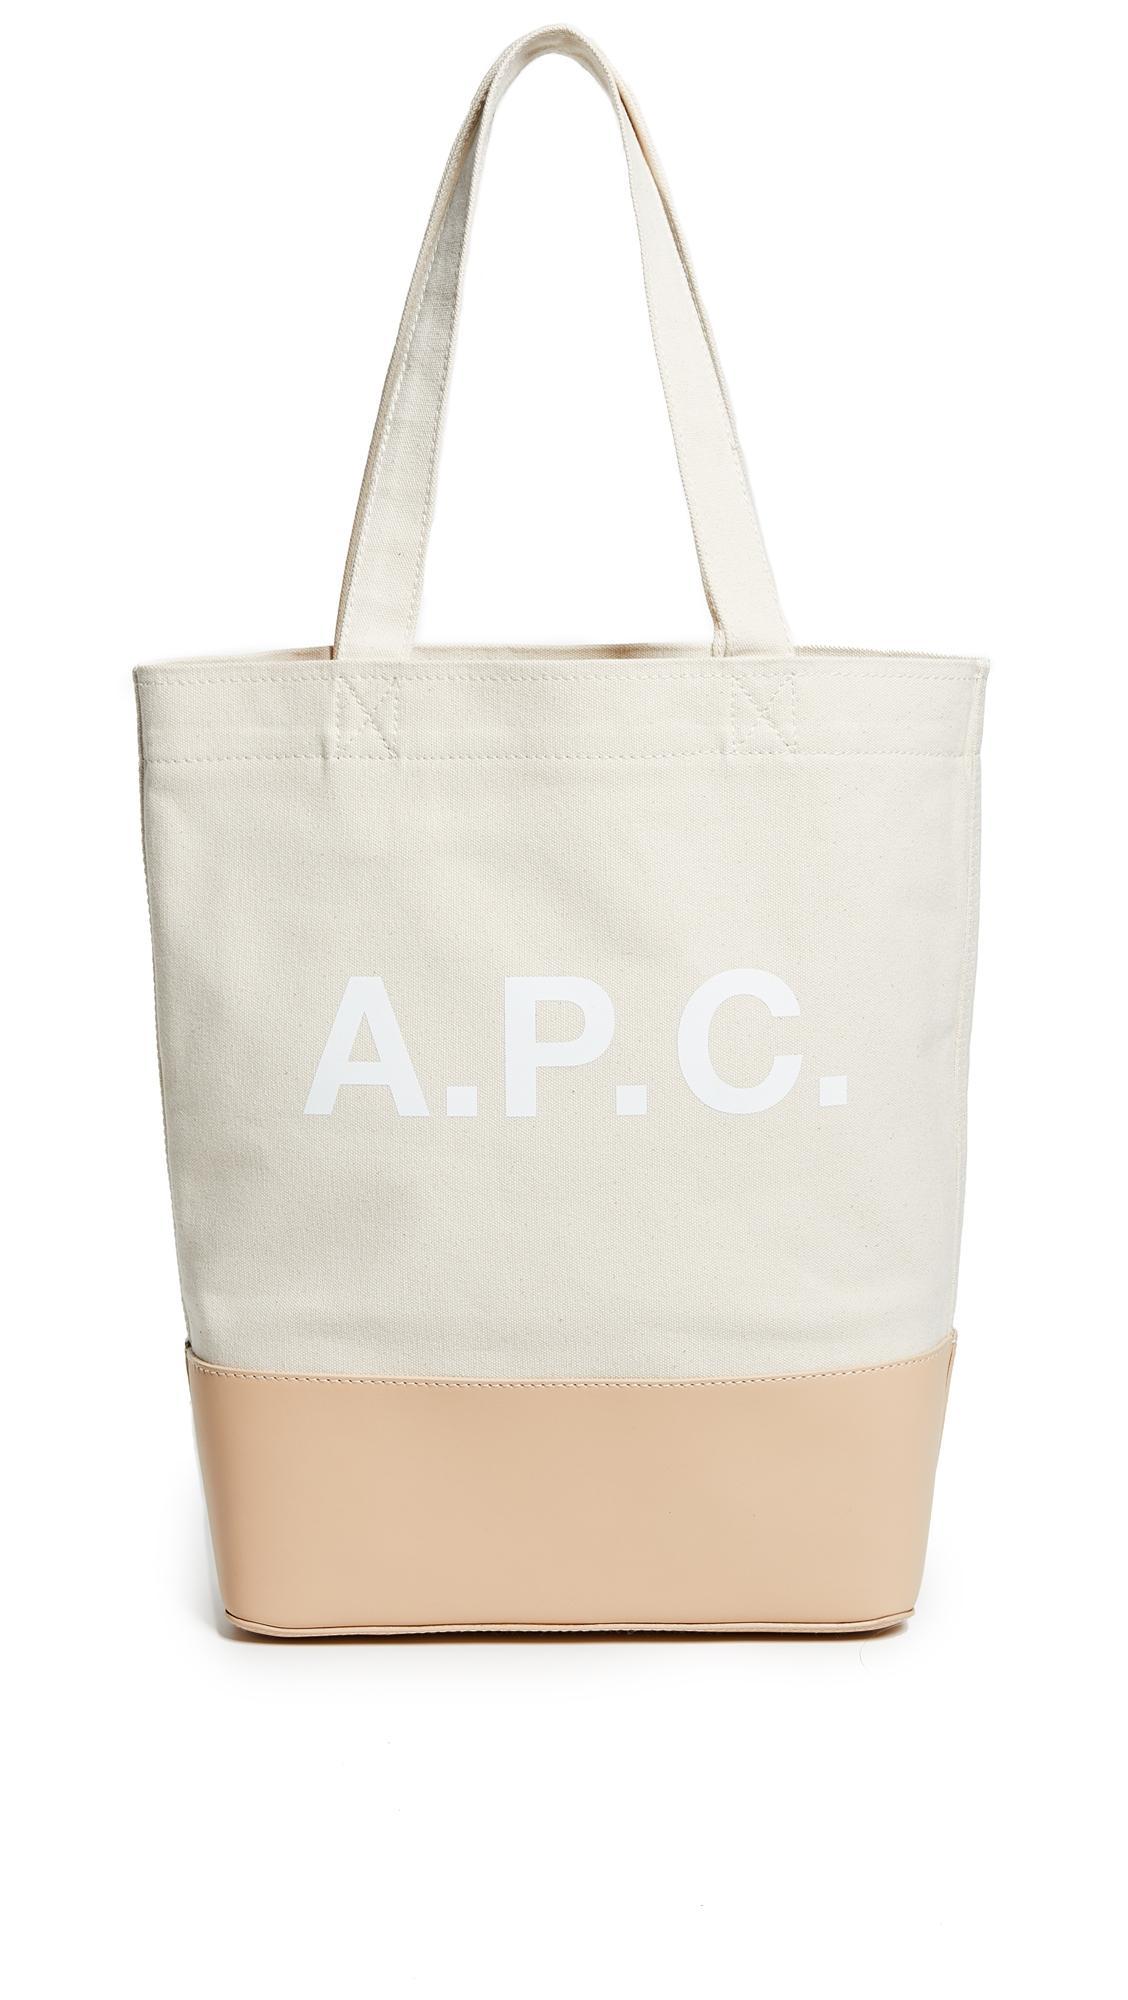 46e523020e A.P.C. Axel Tote Bag In Ecru